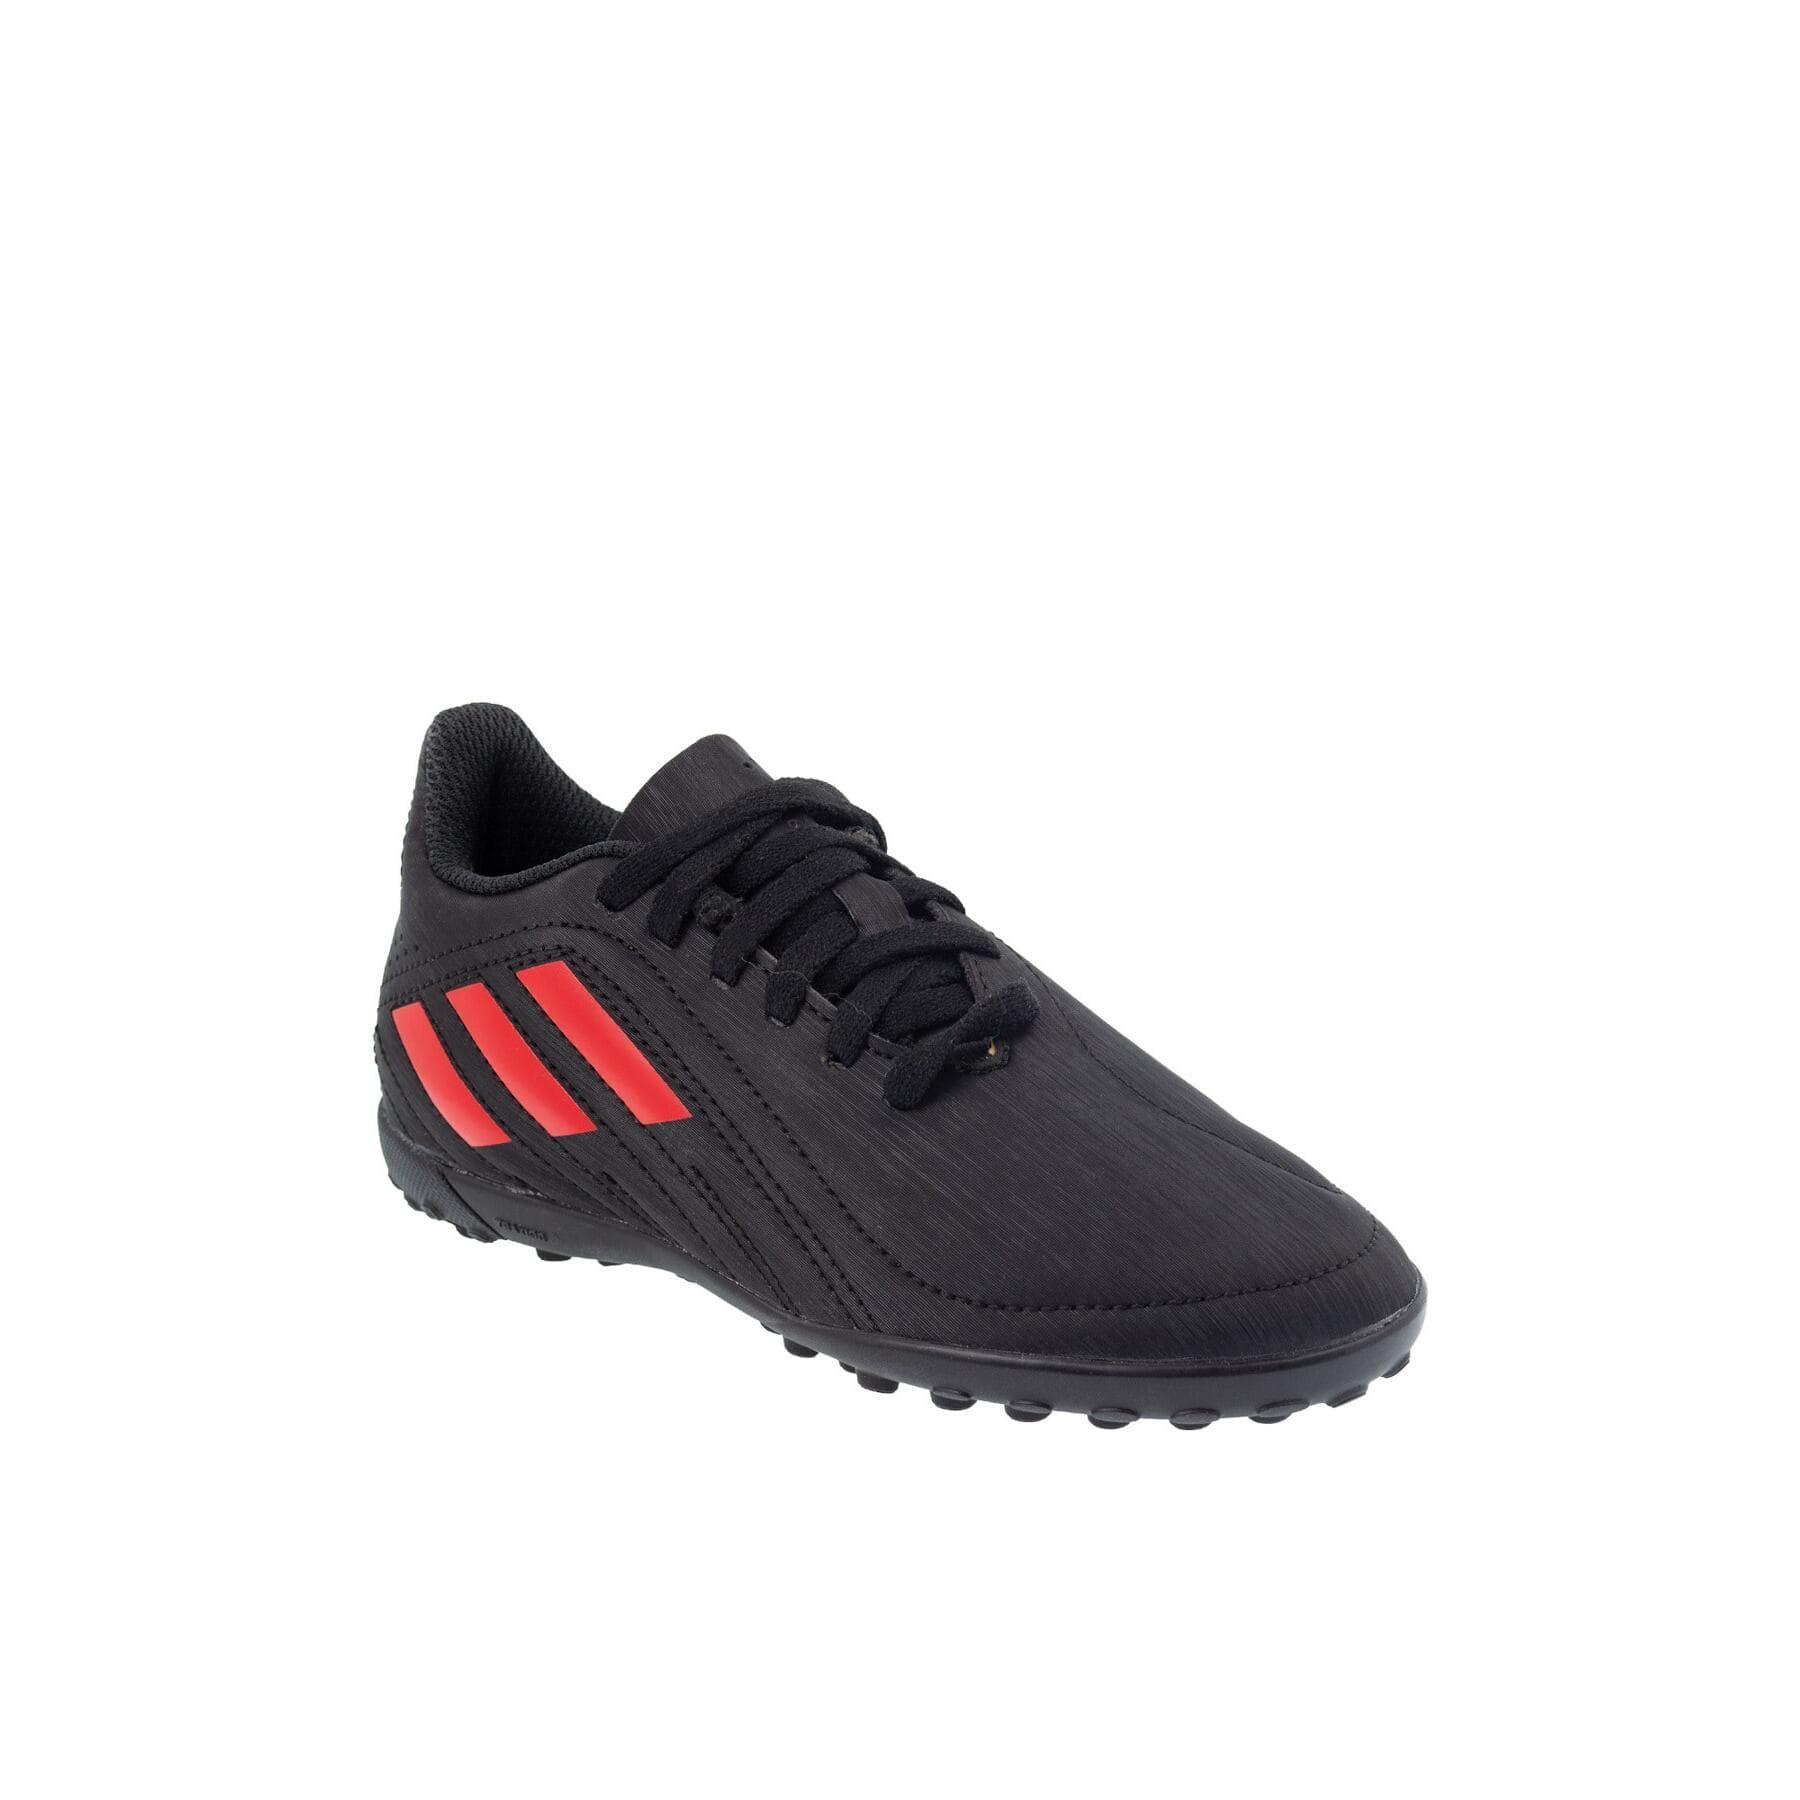 Deportivo Çocuk Siyah Halı Saha Ayakkabısı